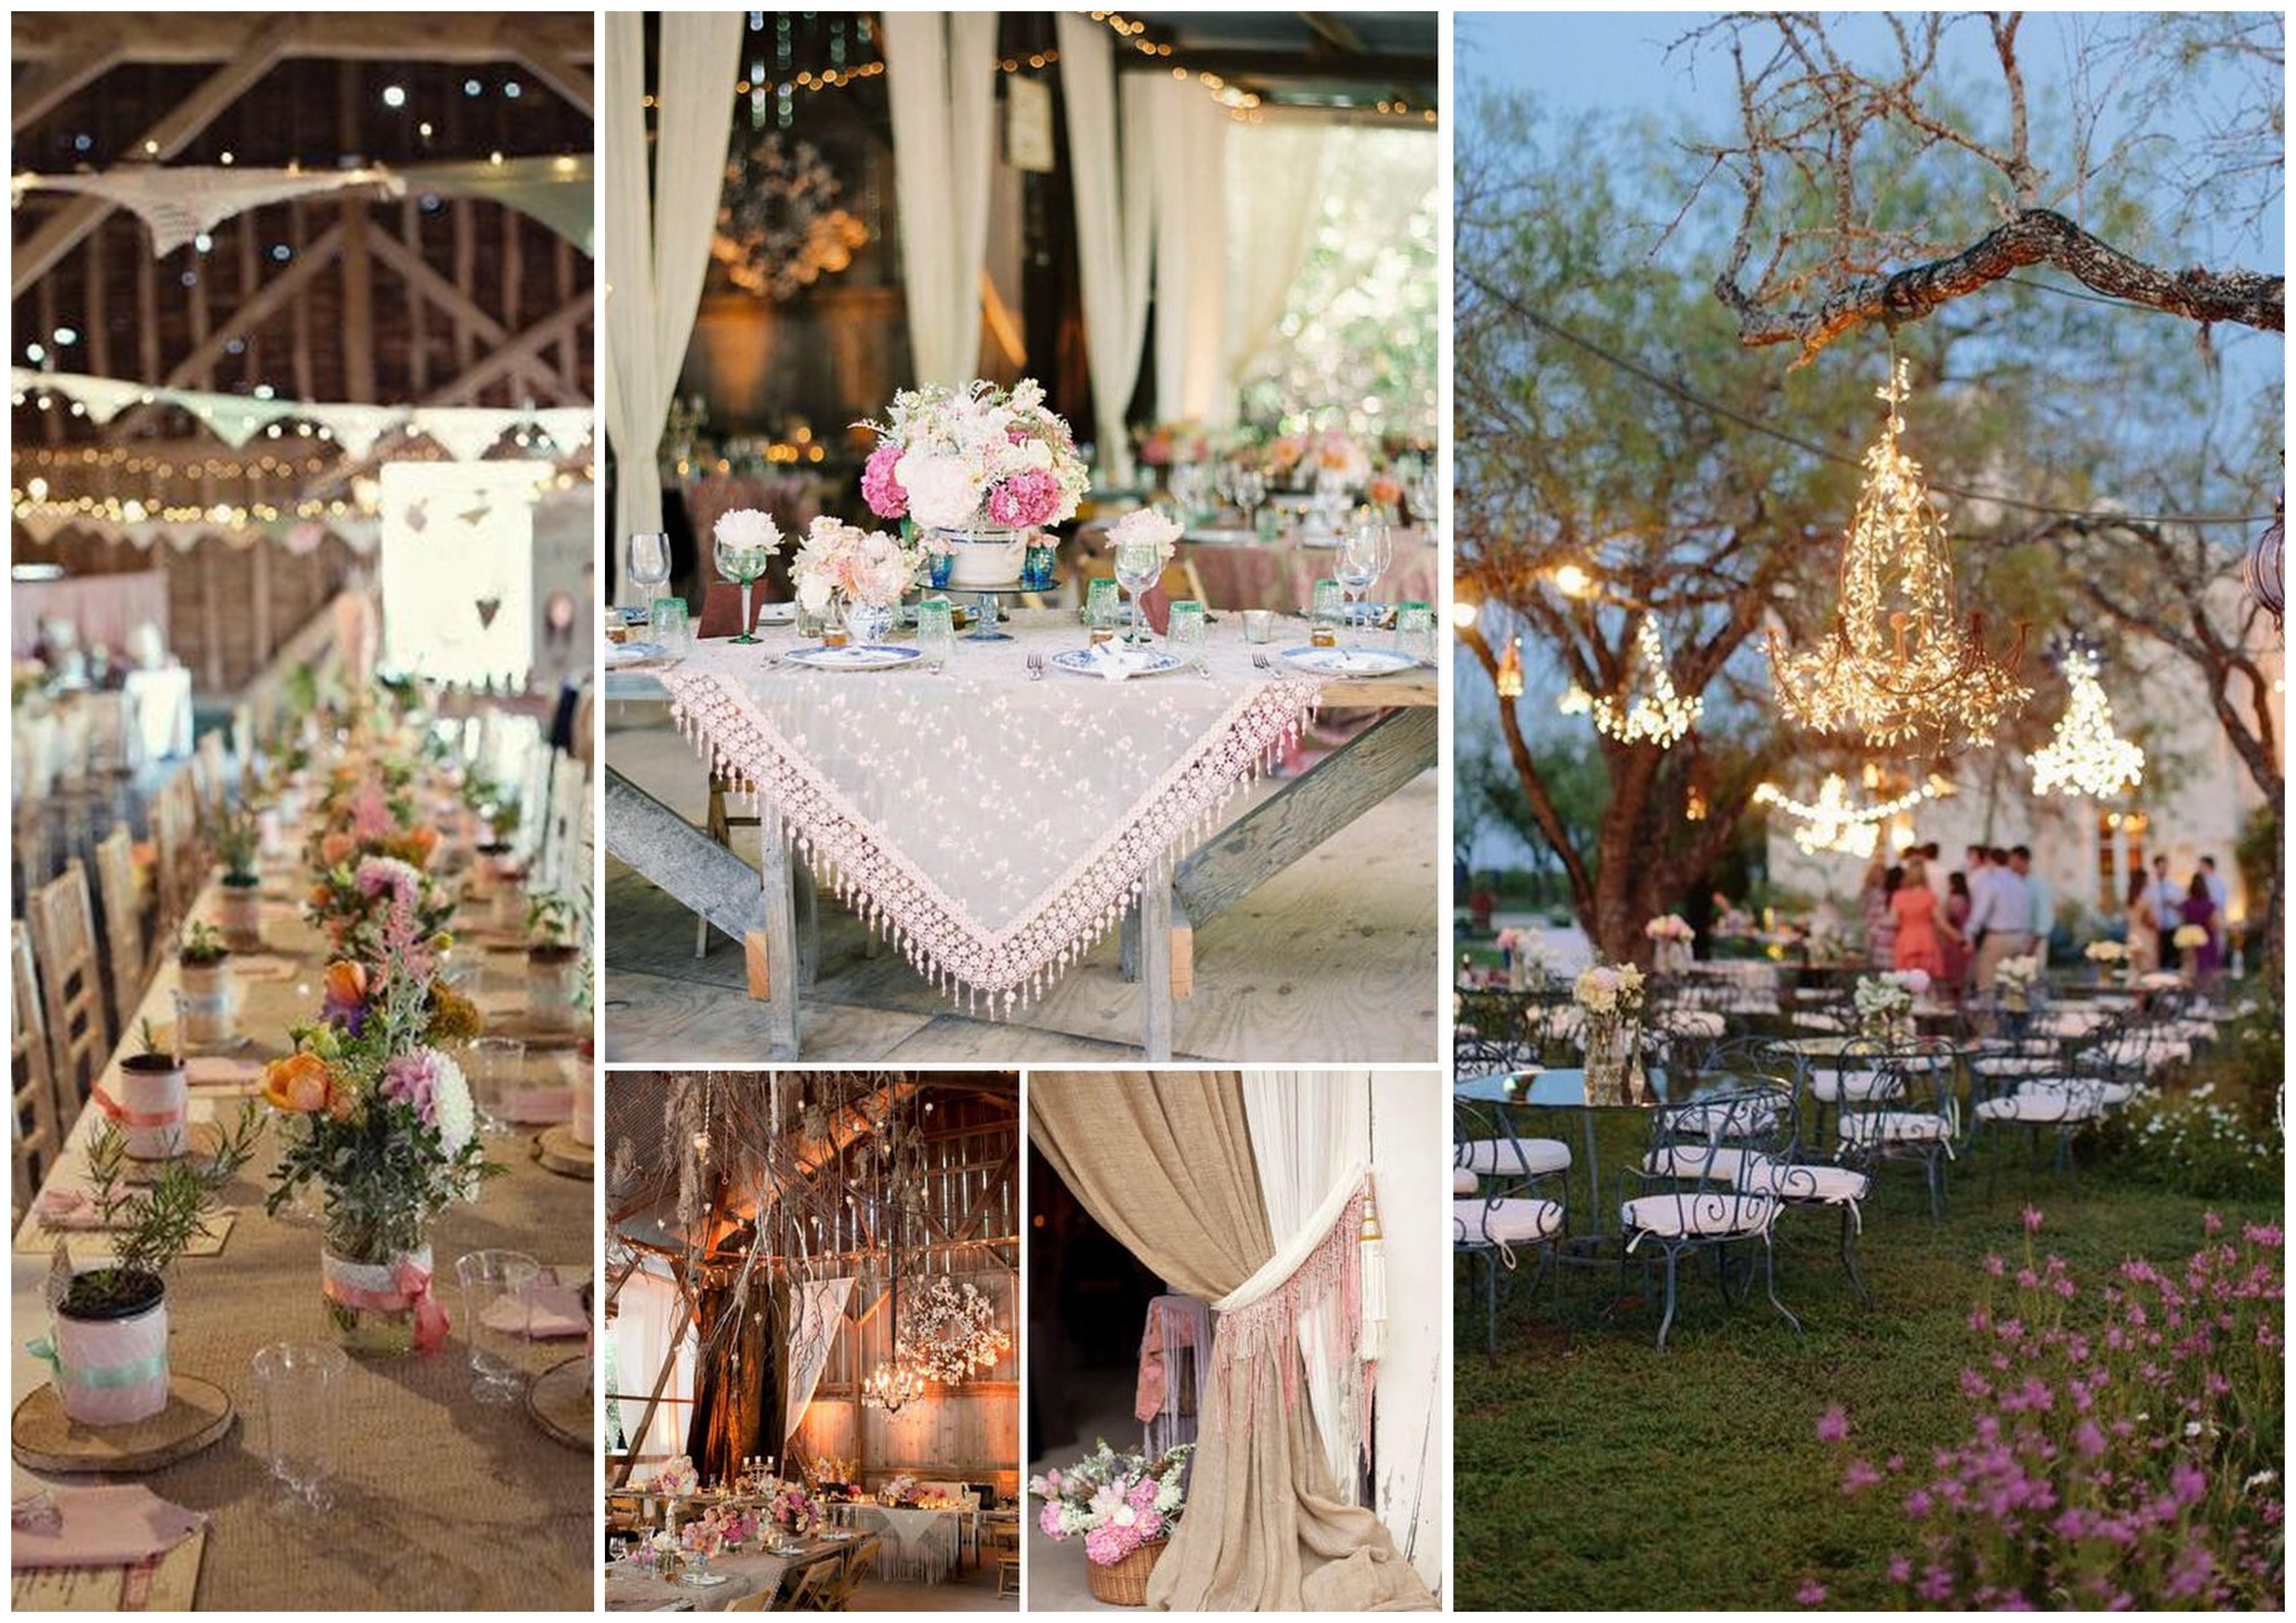 Un mariage esprit boh me justine huette cr atrice de jolis moments - Deco jardin pour mariage vitry sur seine ...